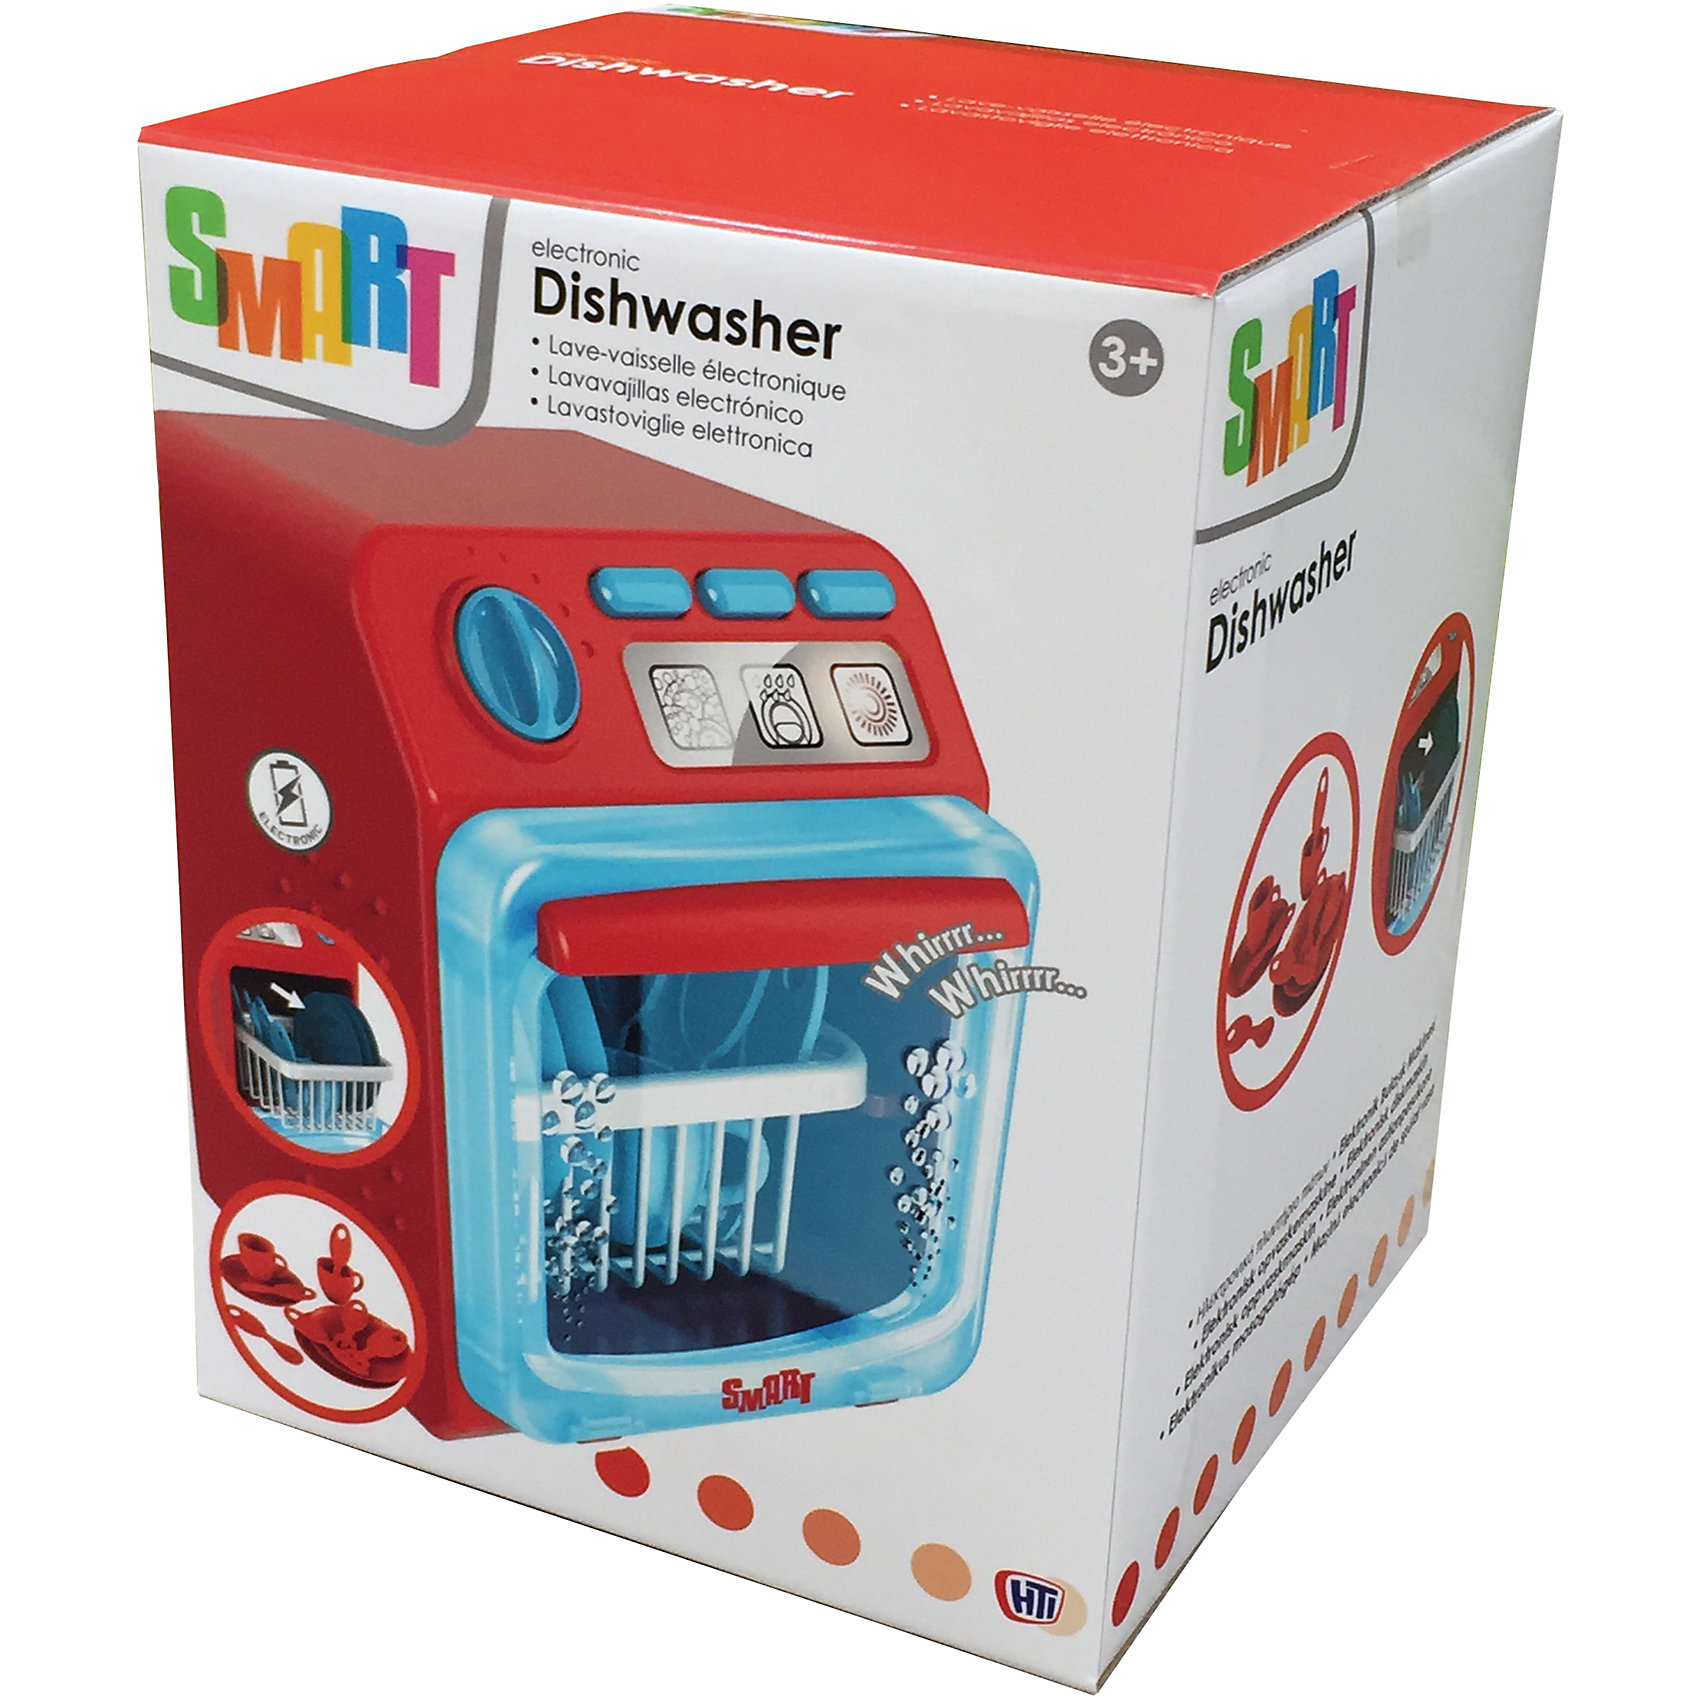 Посудомоечная машина Smart, HTIИгрушечная бытовая техника<br>Посудомоечная машина Smart, HTI.<br><br>Характеристика: <br><br>• Материал: пластик. <br>• Размер: 25,5х20х19,7 см. <br>• Комплектация: посудомоечная машина, набор посуды, корзина.<br>• Дверца открывается. <br>• Кнопки для выбора программ мытья, сушки и слива воды. <br>• Ручка вращается. <br>• Оригинальный привлекательный дизайн. <br>• Все действия сопровождаются световыми и звуковыми эффектами. <br>• Элемент питания: 3 ААА батарейки (не входят в комплект). <br><br>Посудомоечная машина Smart займет достойное место на игрушечной кухне вашей юной хозяйки! Машина выглядит как настоящая: у нее открывается дверца, есть кнопки для выбора программ, слива воды и сушки. Набор посуды, звуковые и световые эффекты сделают игру еще интереснее и реалистичнее. Все детали набора выполнены из высококачественного прочного пластика, с применением только нетоксичных безопасных красителей. <br><br>Посудомоечную машину Smart, HTI, можно купить в нашем интернет-магазине.<br><br>Ширина мм: 253<br>Глубина мм: 200<br>Высота мм: 198<br>Вес г: 998<br>Возраст от месяцев: 36<br>Возраст до месяцев: 168<br>Пол: Женский<br>Возраст: Детский<br>SKU: 5366524